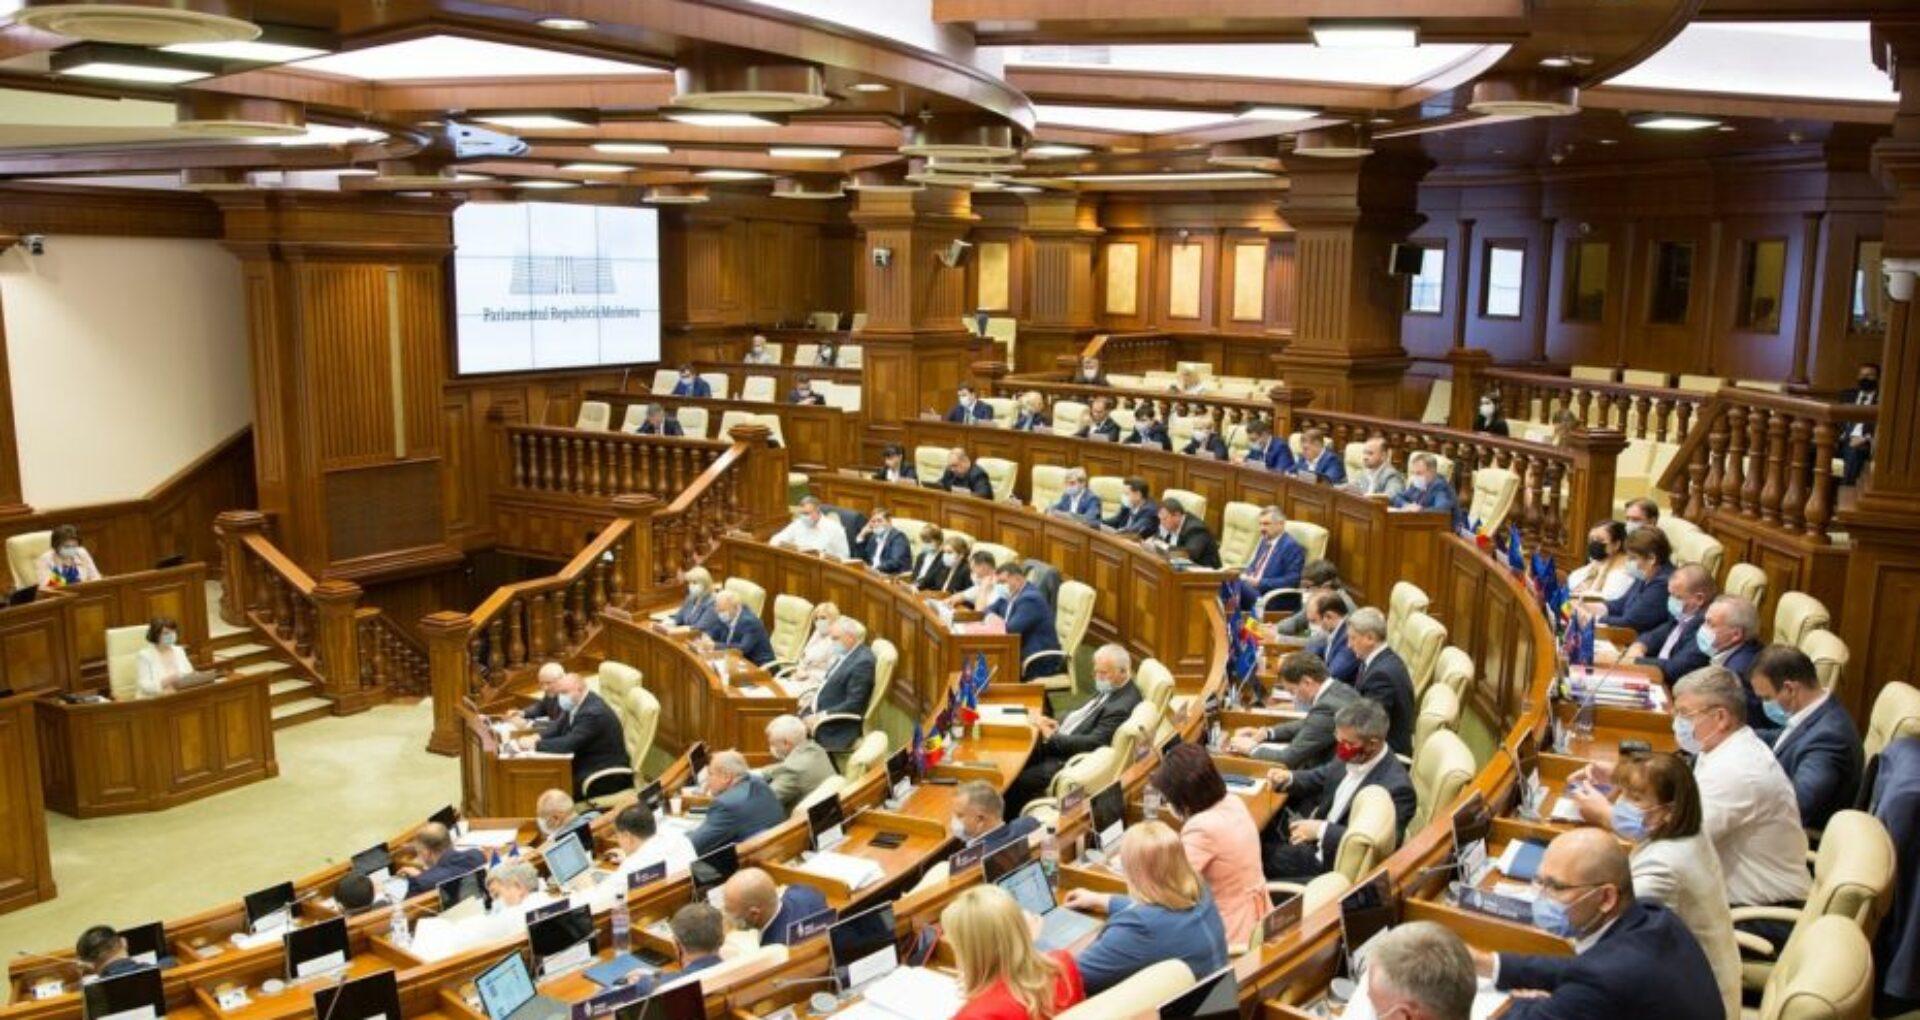 Răspunsurile celor din PAS, PSRM și PPDA la propunerea PDM de a organiza o întâlnire pe platformă parlamentară